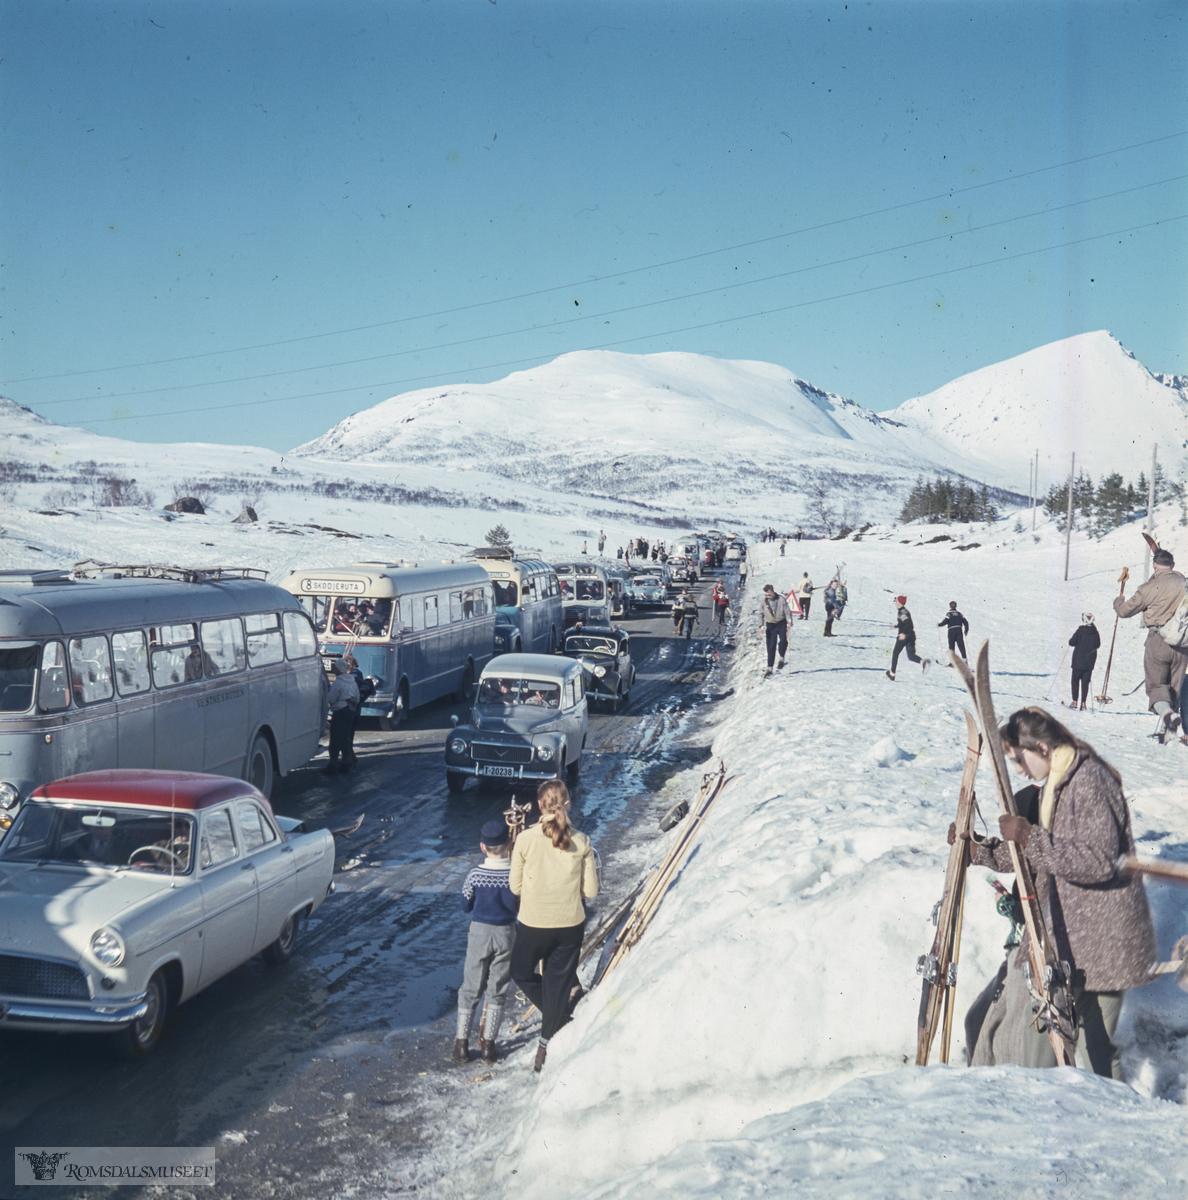 Ørskogfjellet..Mange fra Ålesundområdet reiste dit når det var gode forhold for skitur. Bussene er sannsynligvis fra 1950-tallet og det er få personbiler å se. Folk var mer avhengig av buss den gangen. Den fremste bussen, grålakkert, tilhørte Vestnesruten, som hadde ruter Ålesund-Vestnes i korrespondanse med fergene til og fra Molde. De neste to bussene tilhørte Skodjeruta som hadde busser lakkert i blått og gult. Den første av disse to minner om T-1042, 1955-modell, som er bevart og eksisterer som veteranbuss..Nærmeste bil: Ford Consul 1956-ca. 61, fulgt av Volvo Duett.